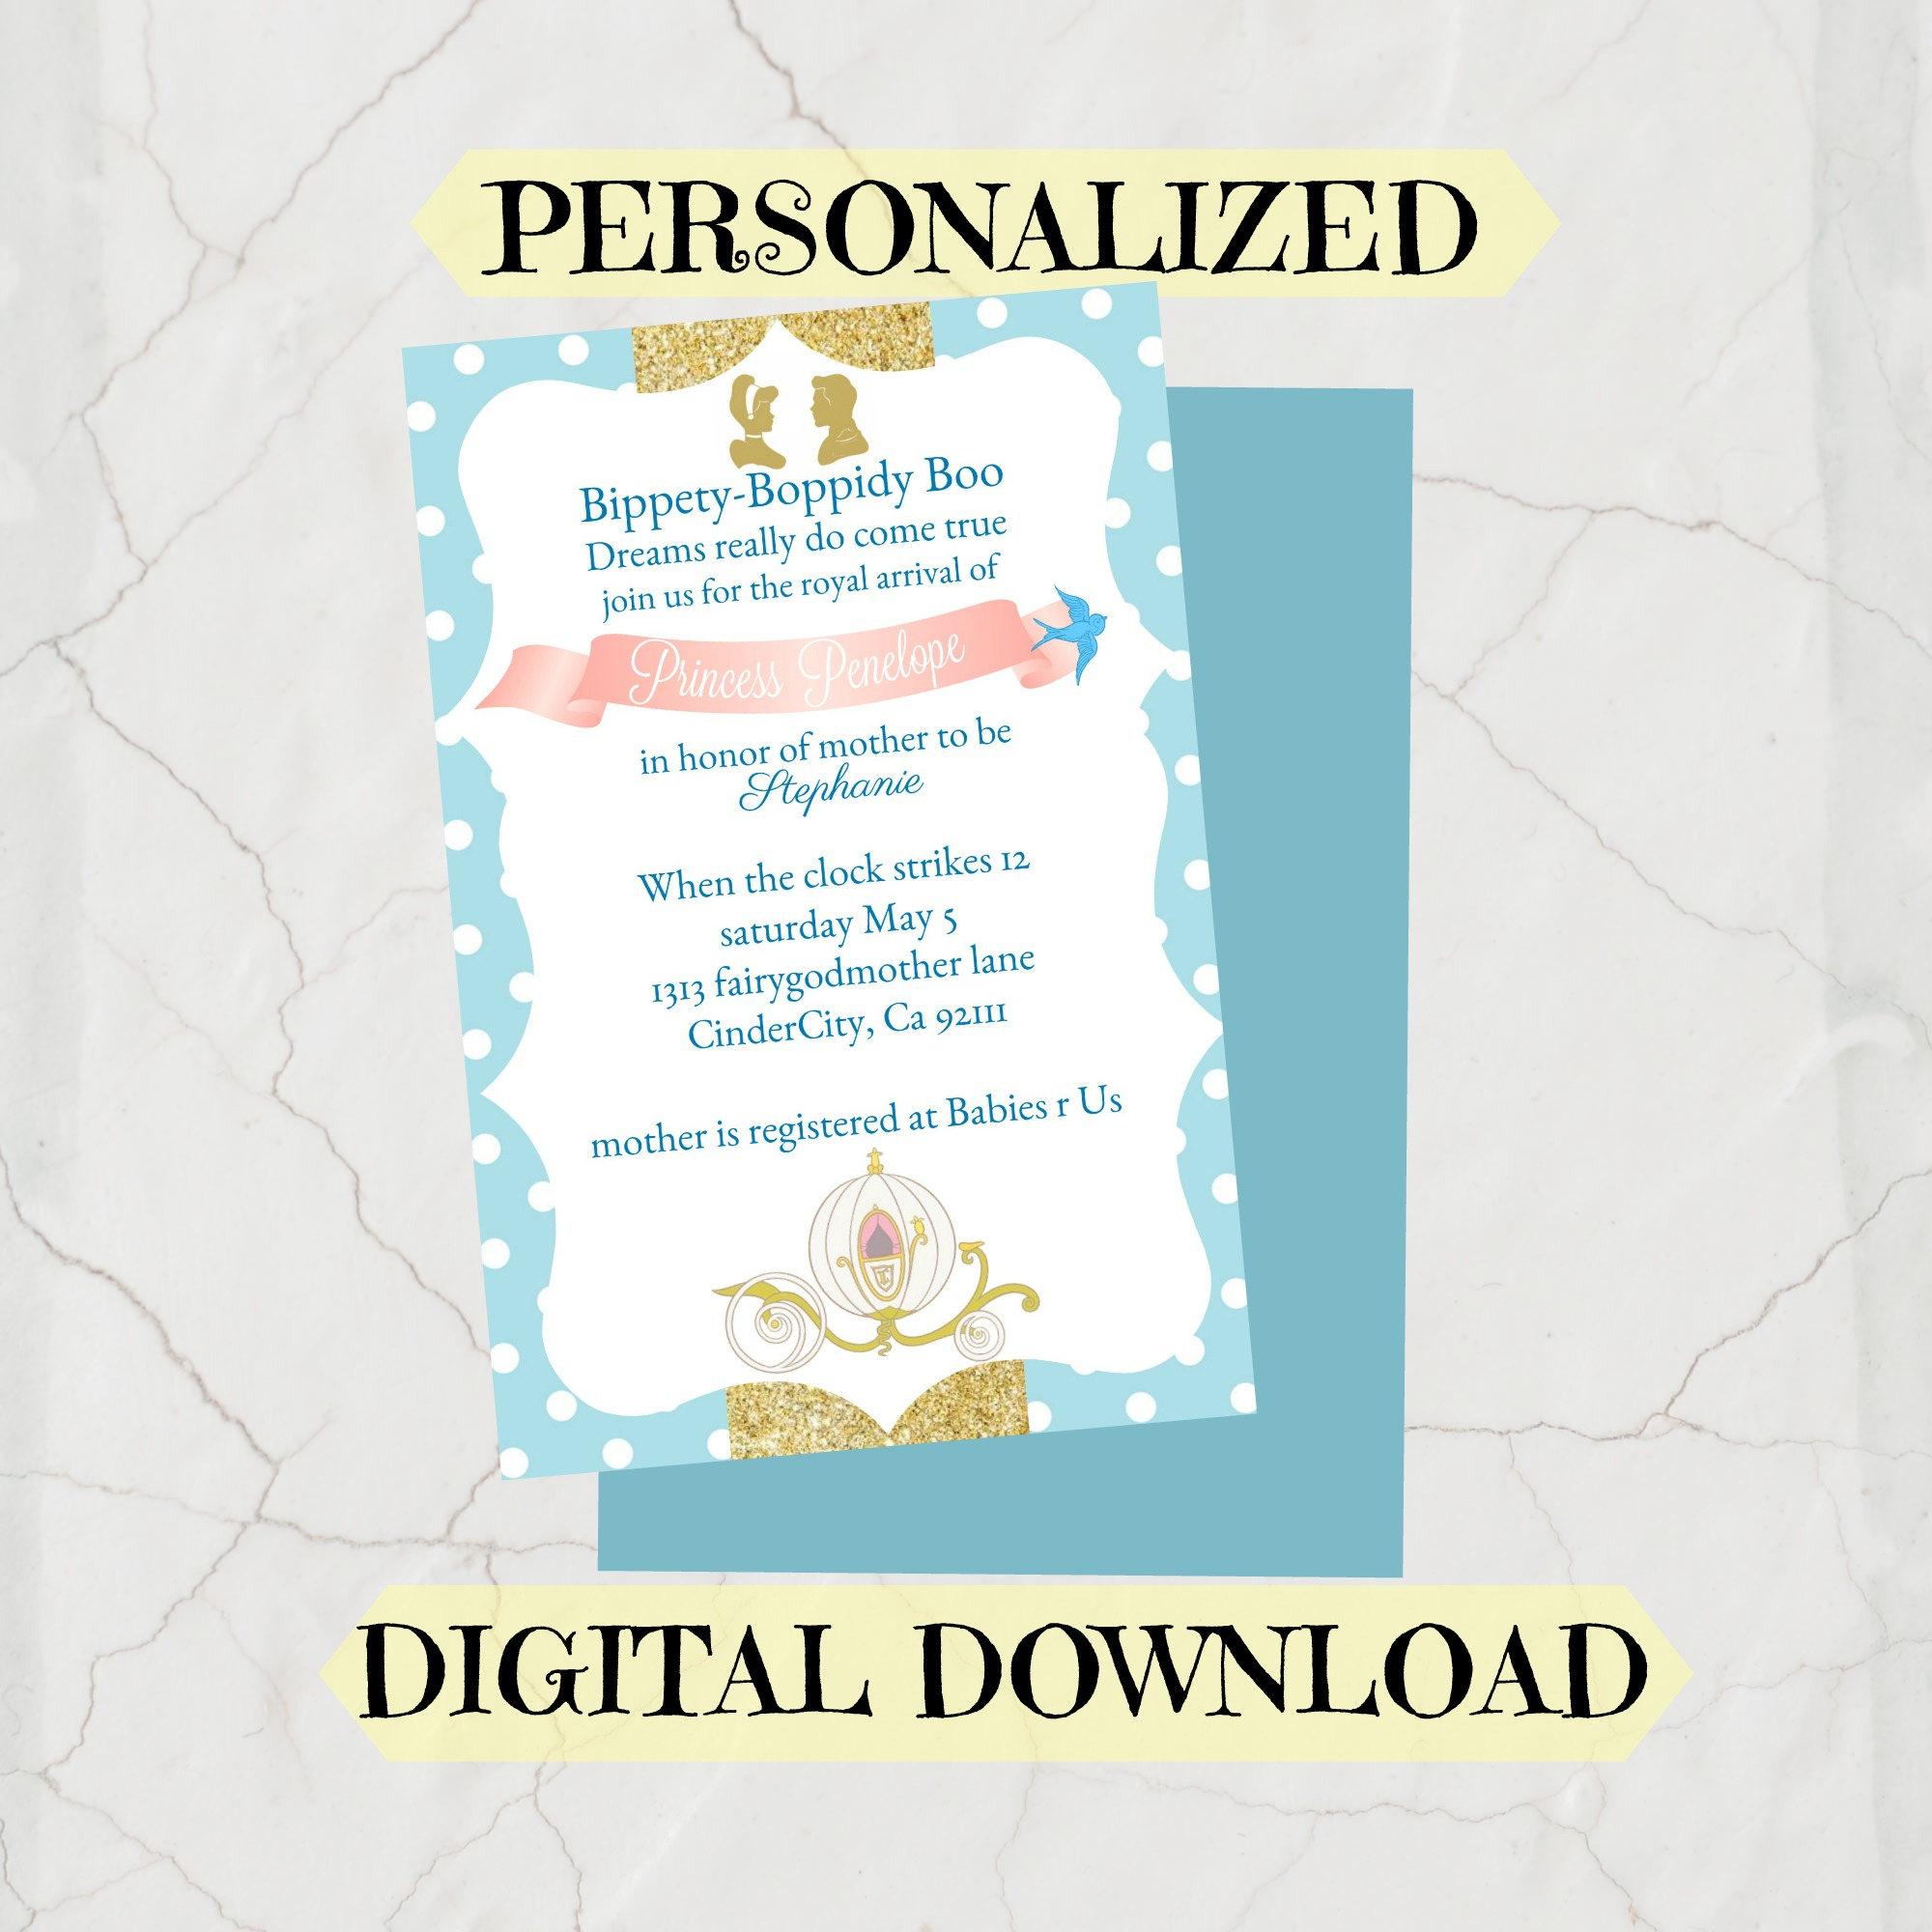 cinderella baby shower invatation birthday party invitation | Etsy